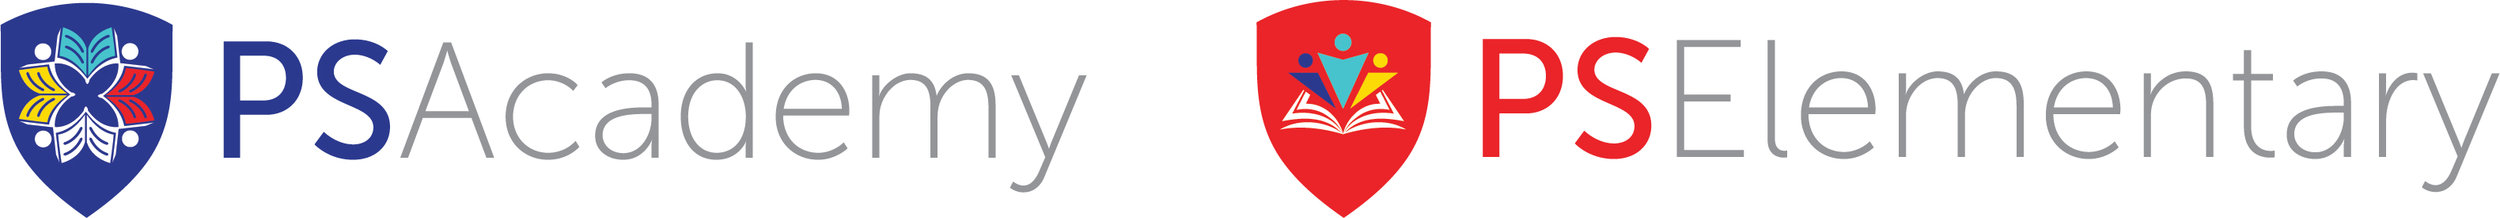 PS Logos Side by Side.jpg